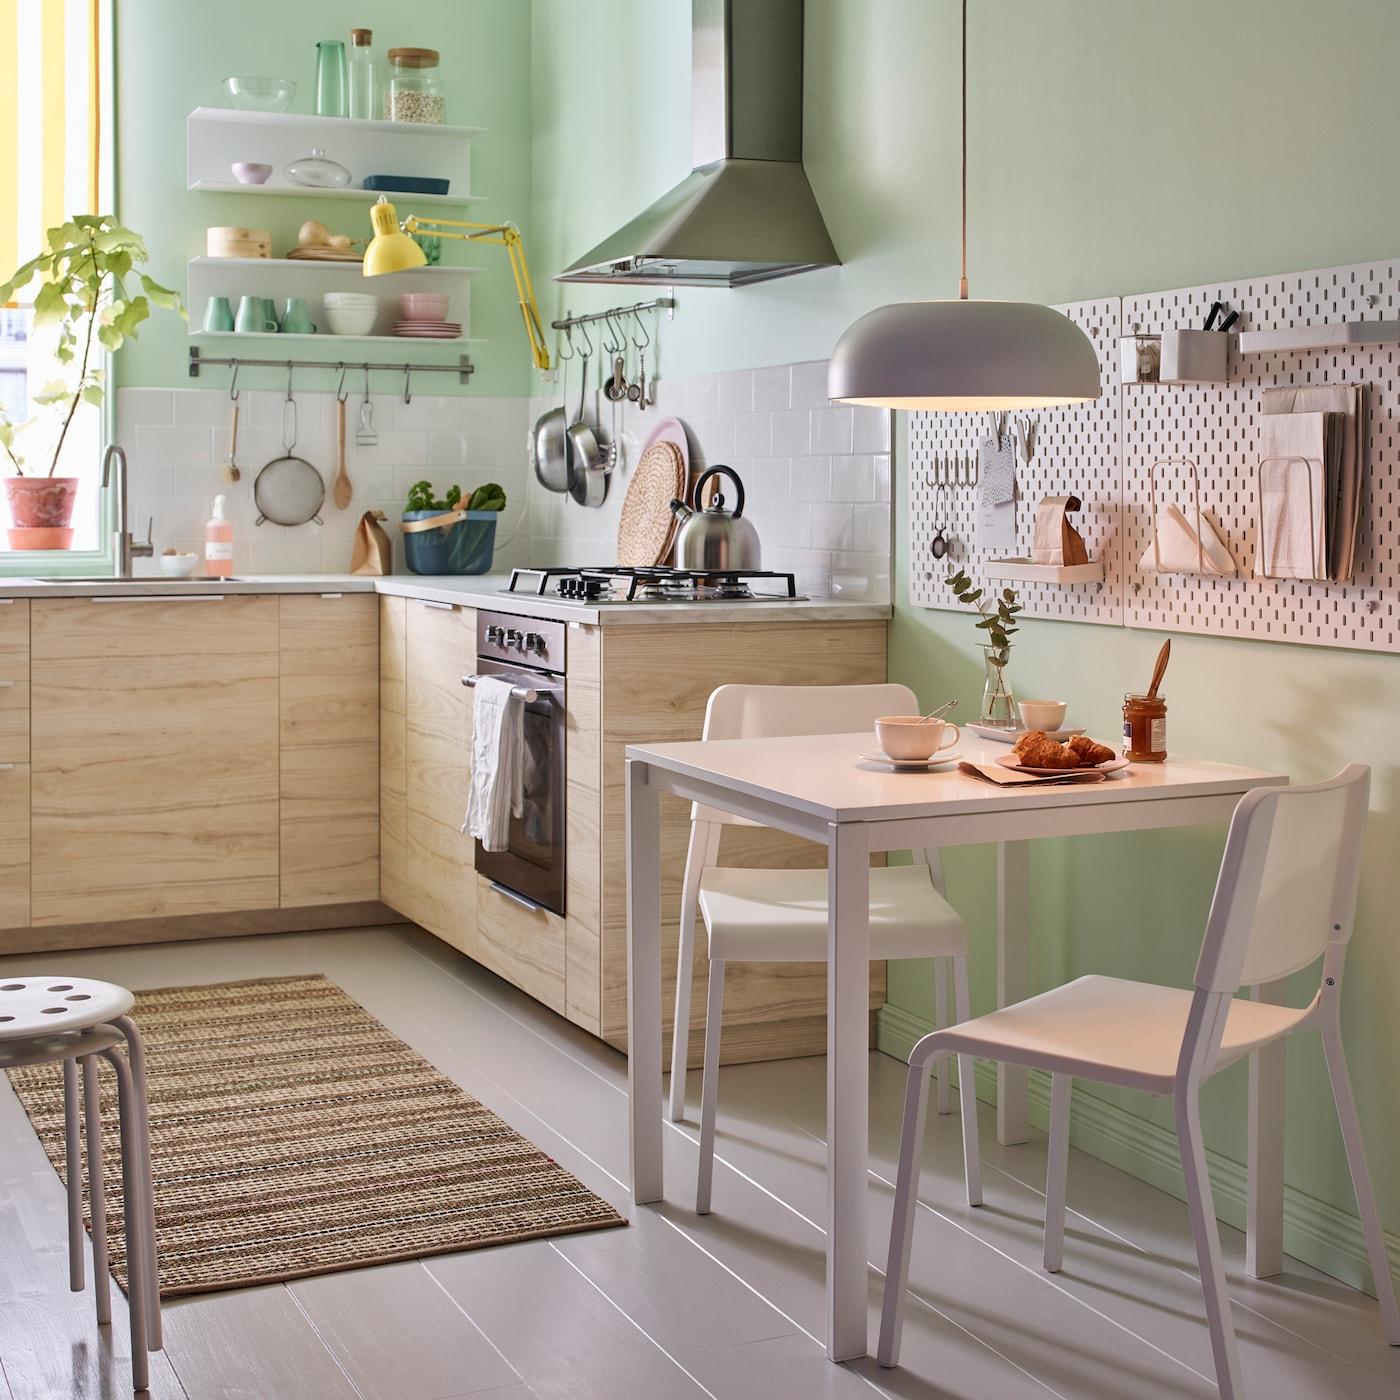 Etagere Murale Ikea Botkyrka Mode D Emploi